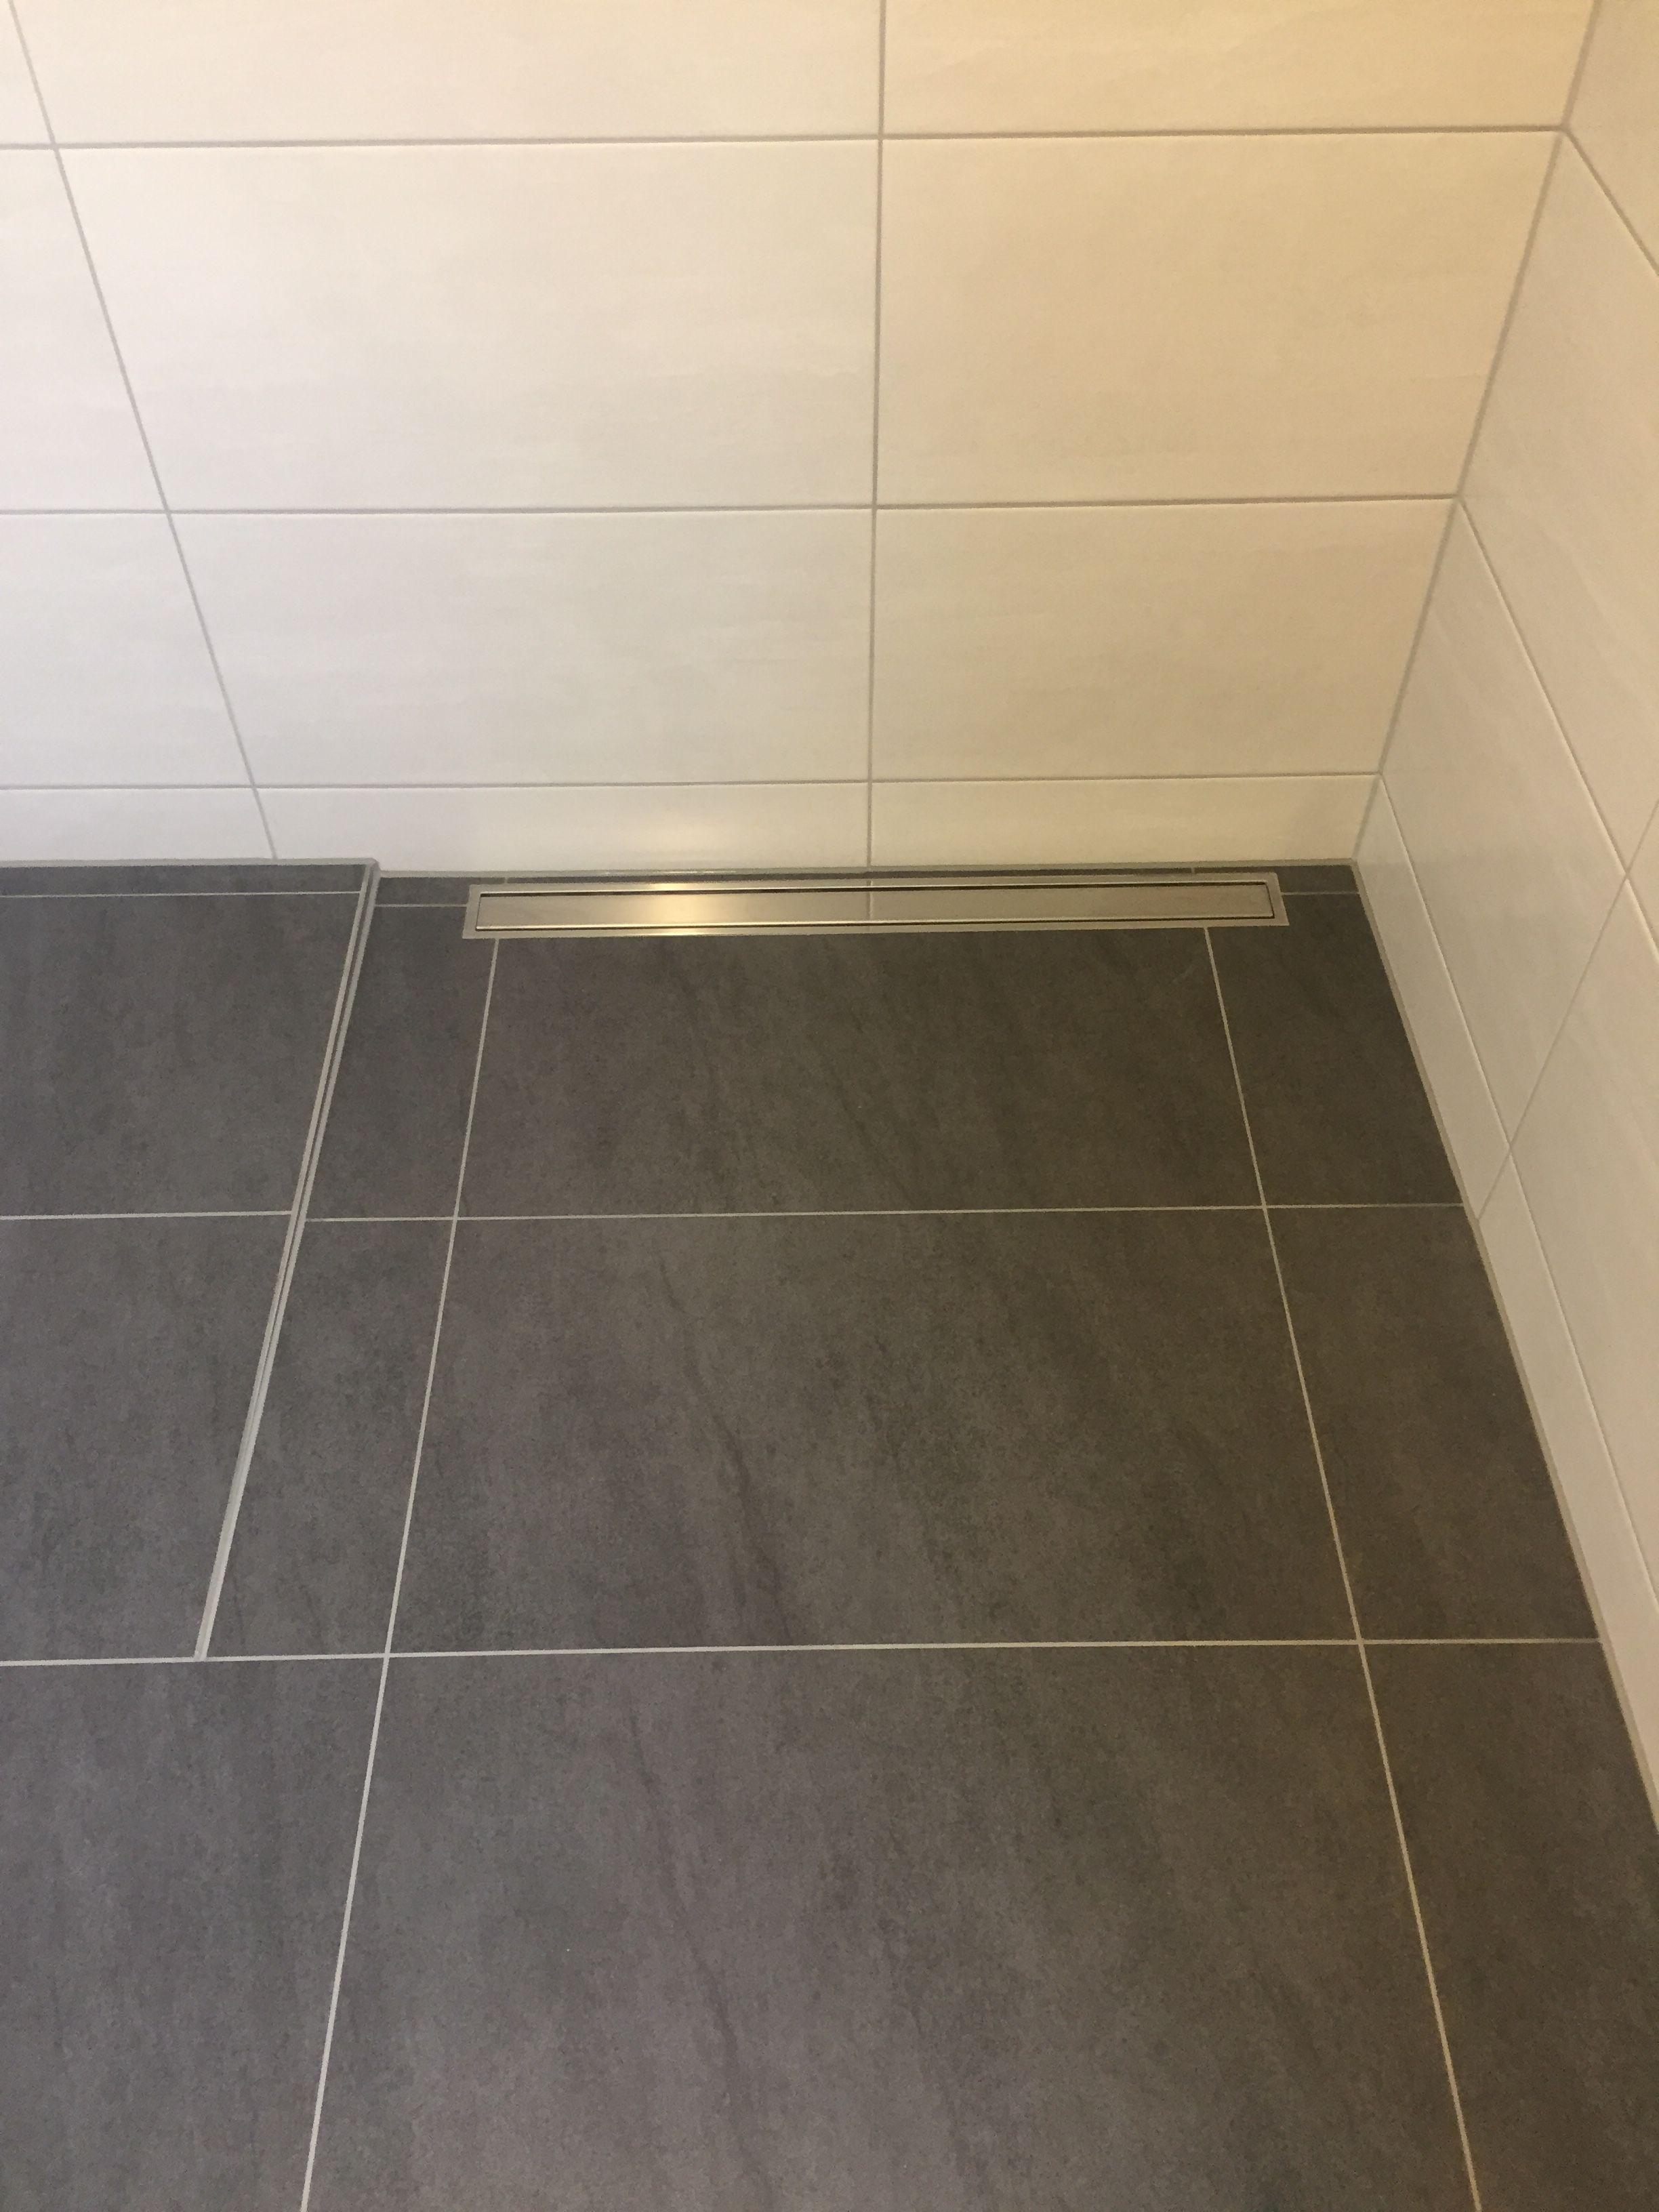 bodengleiche Dusche und lineare Bodenentwässerung, Walk in